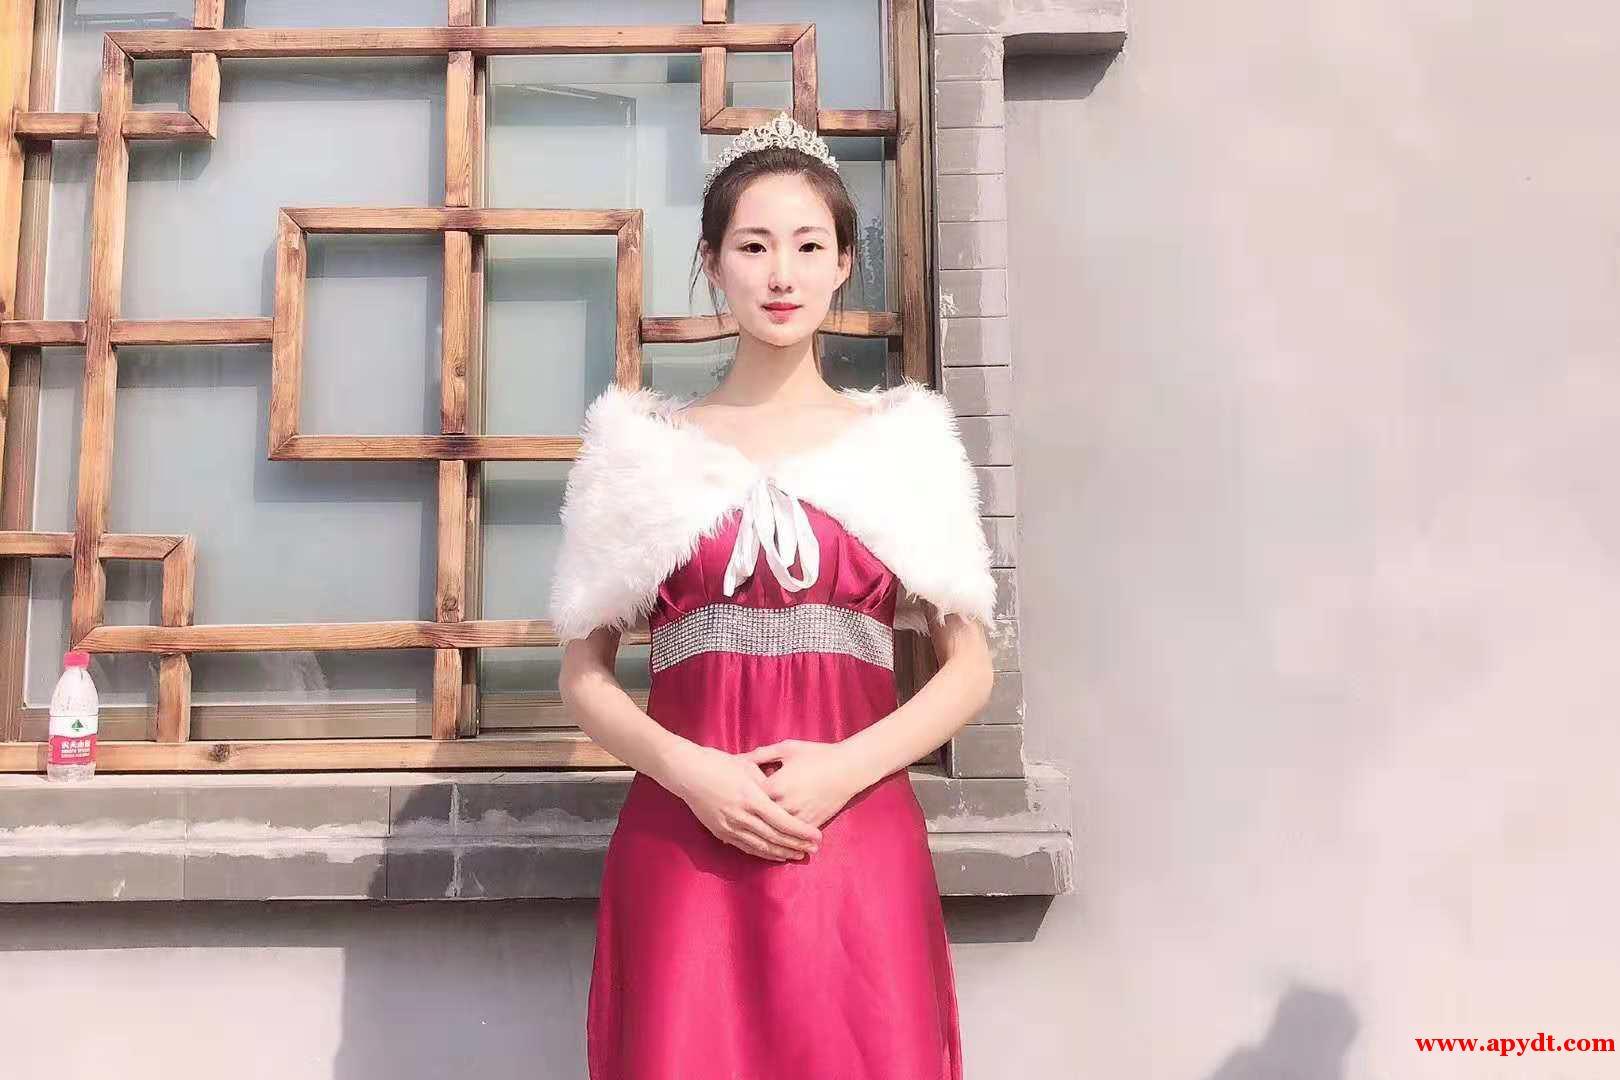 安平礼仪模特公司婚庆礼仪服务中心